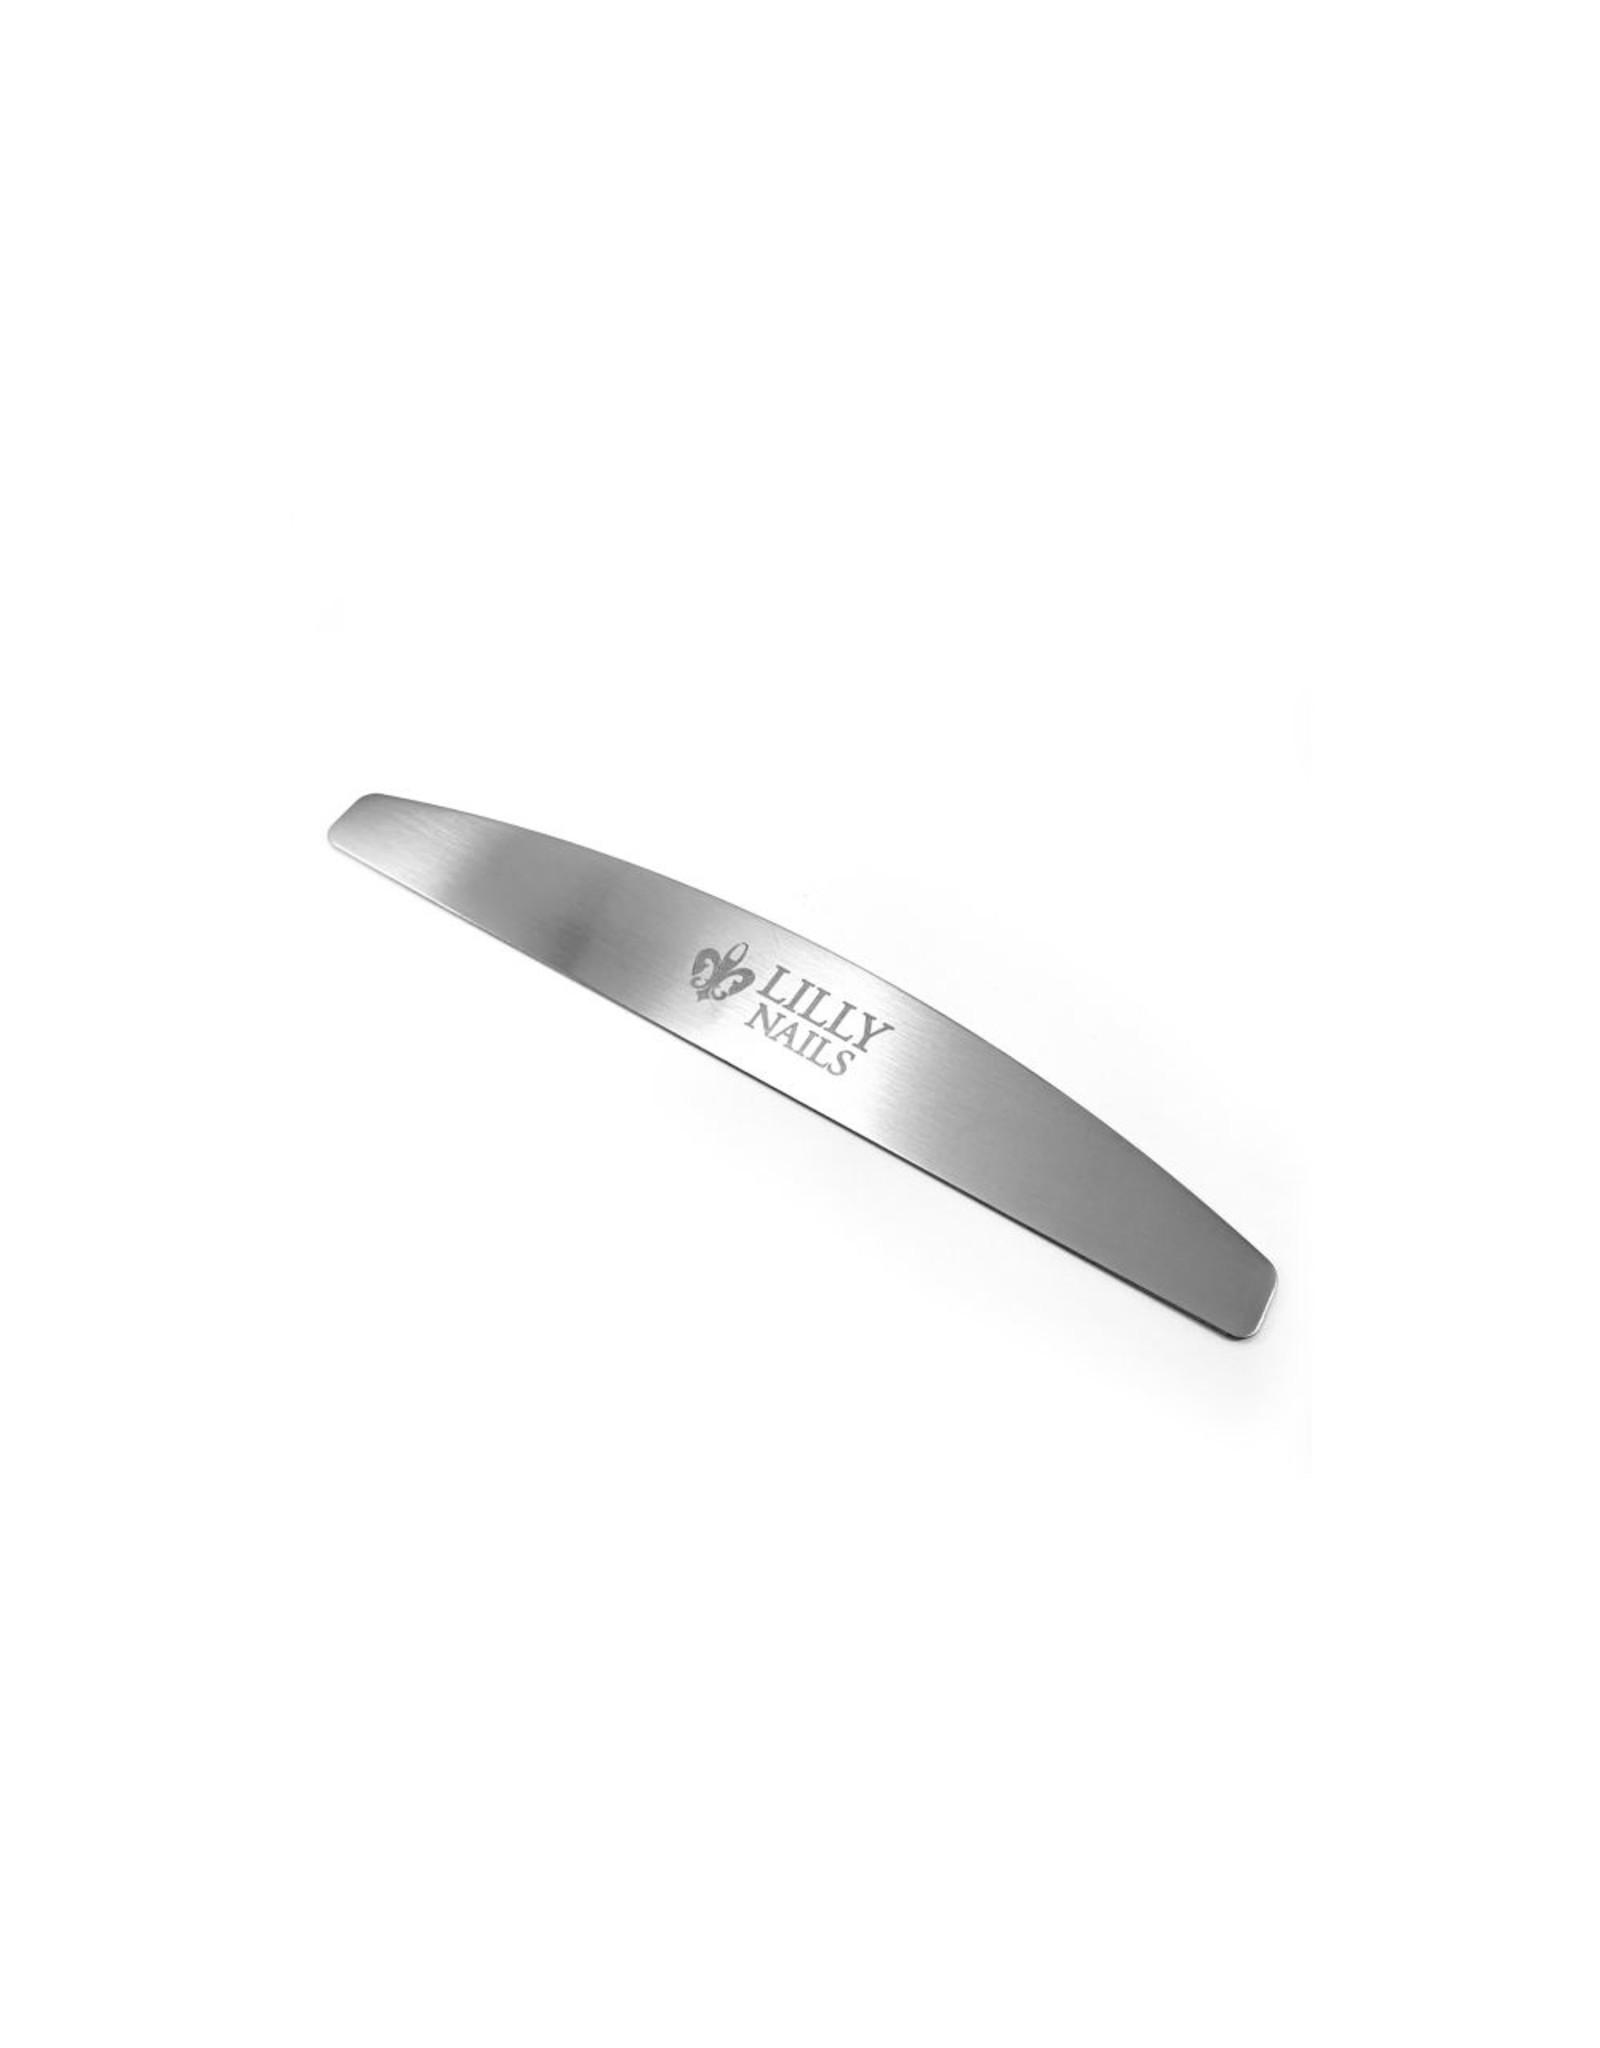 Metalen handle voor Hygiënische Vijlen van Lilly Nails 0.8mm